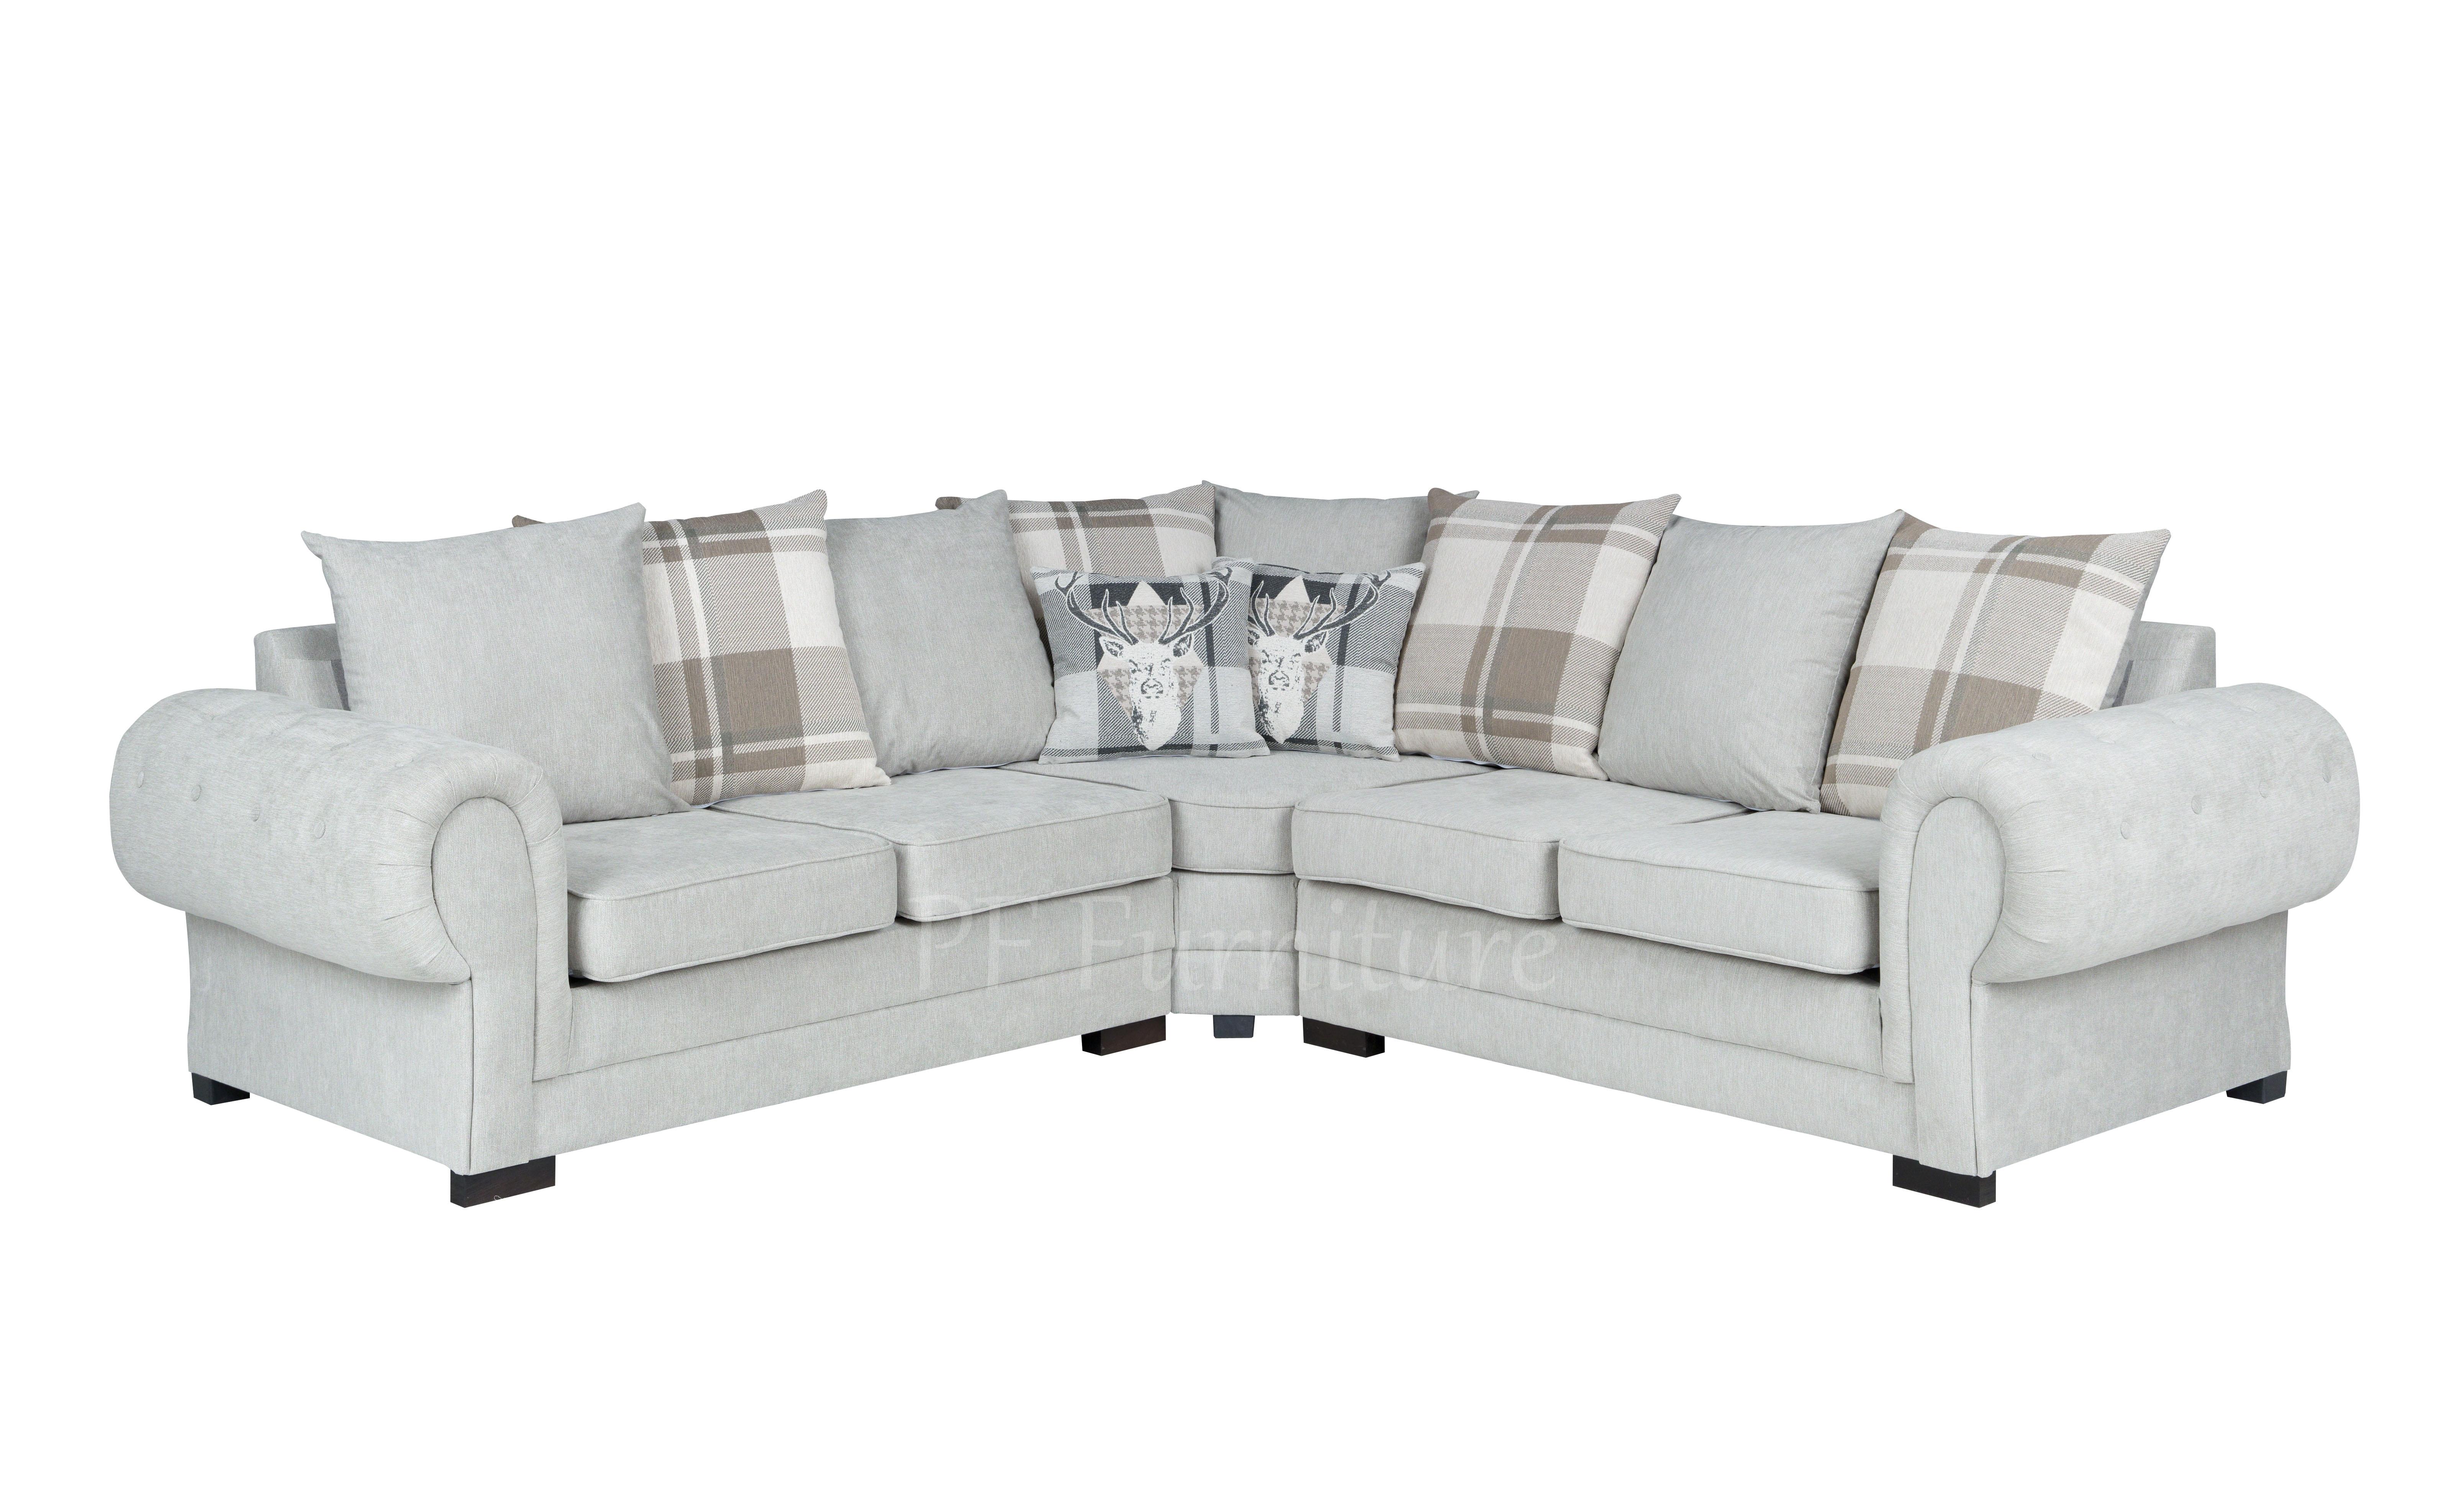 Santana Corner Sofa 2cr2 Pf Furniture